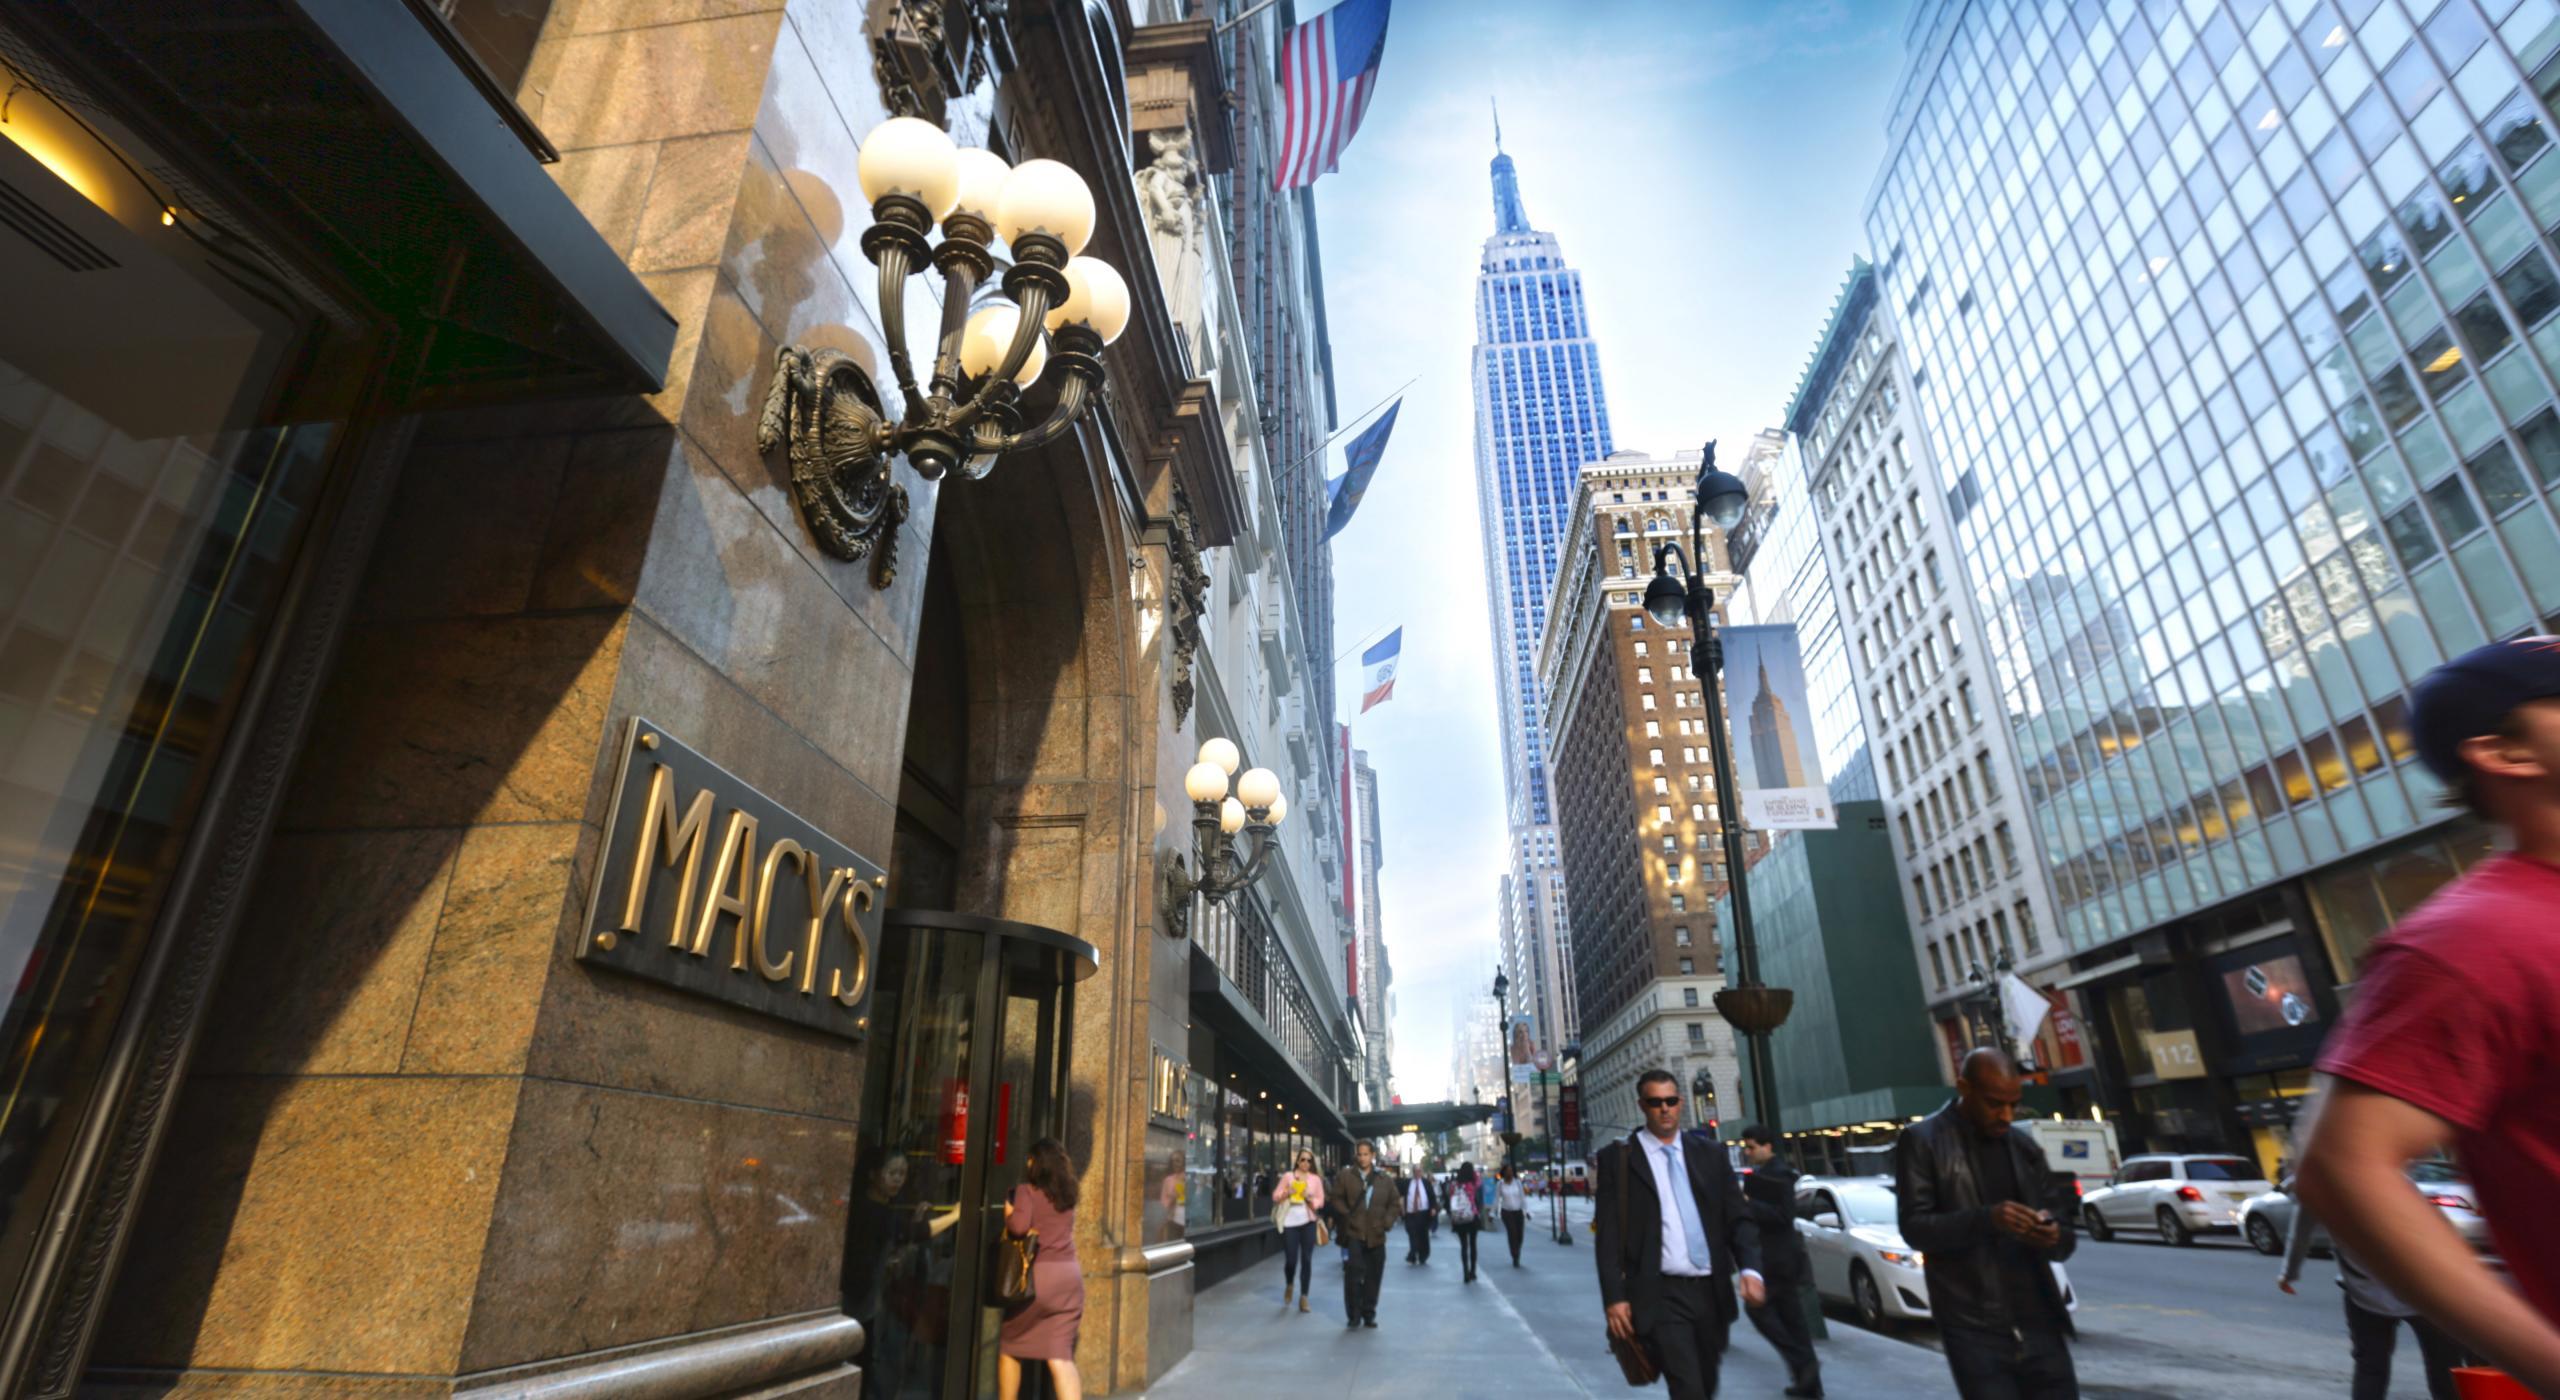 Nueva York Nueva York Emblemáticos Escenarios Y Compras En Macy S Alrededor De La Ciudad Visit The Usa